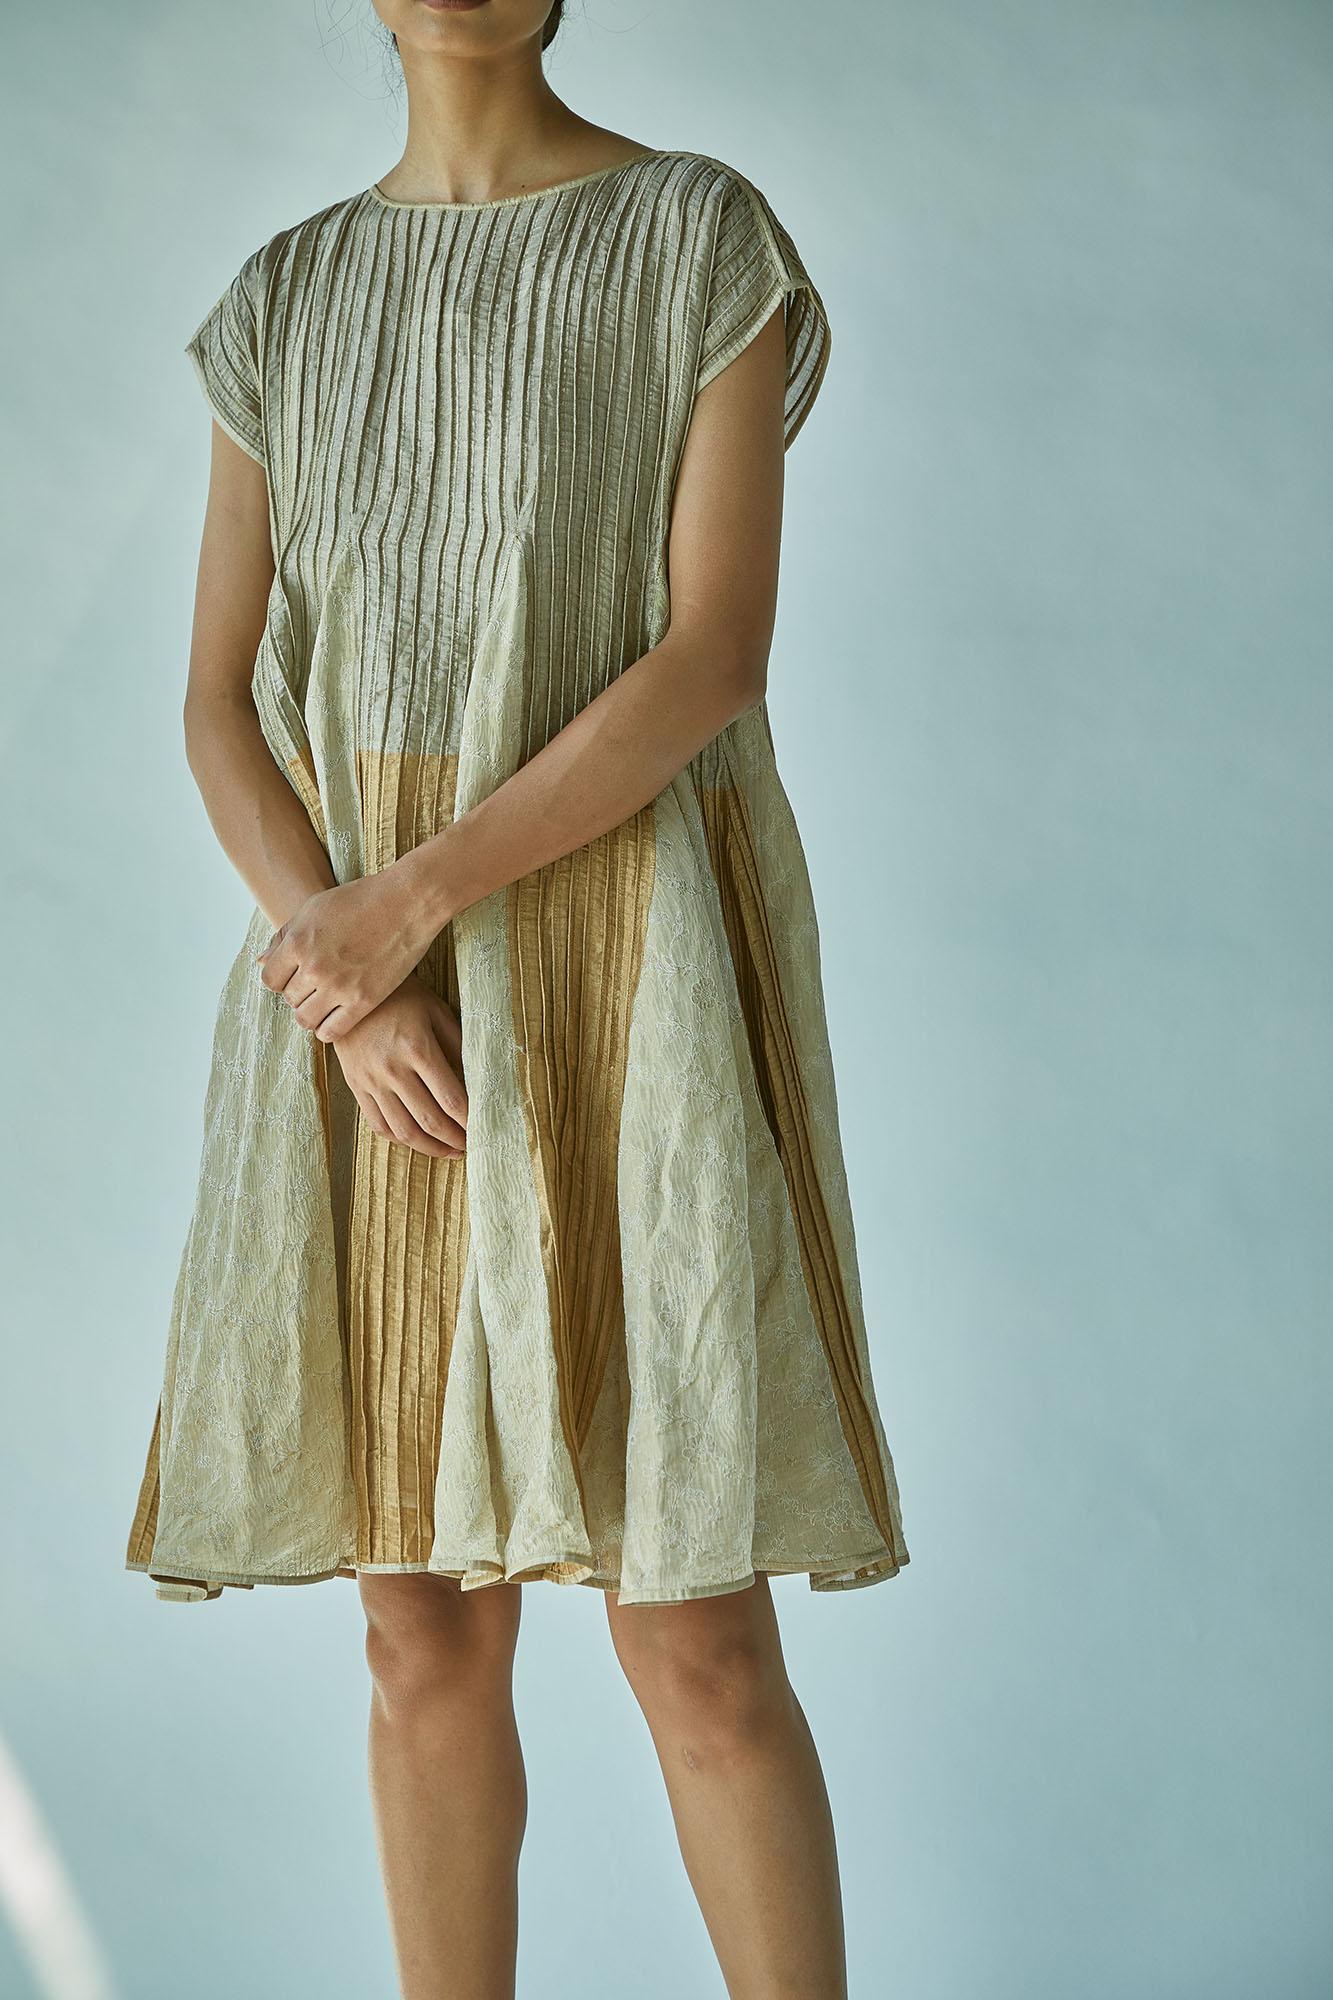 TISSUE PANNELLED DRESS